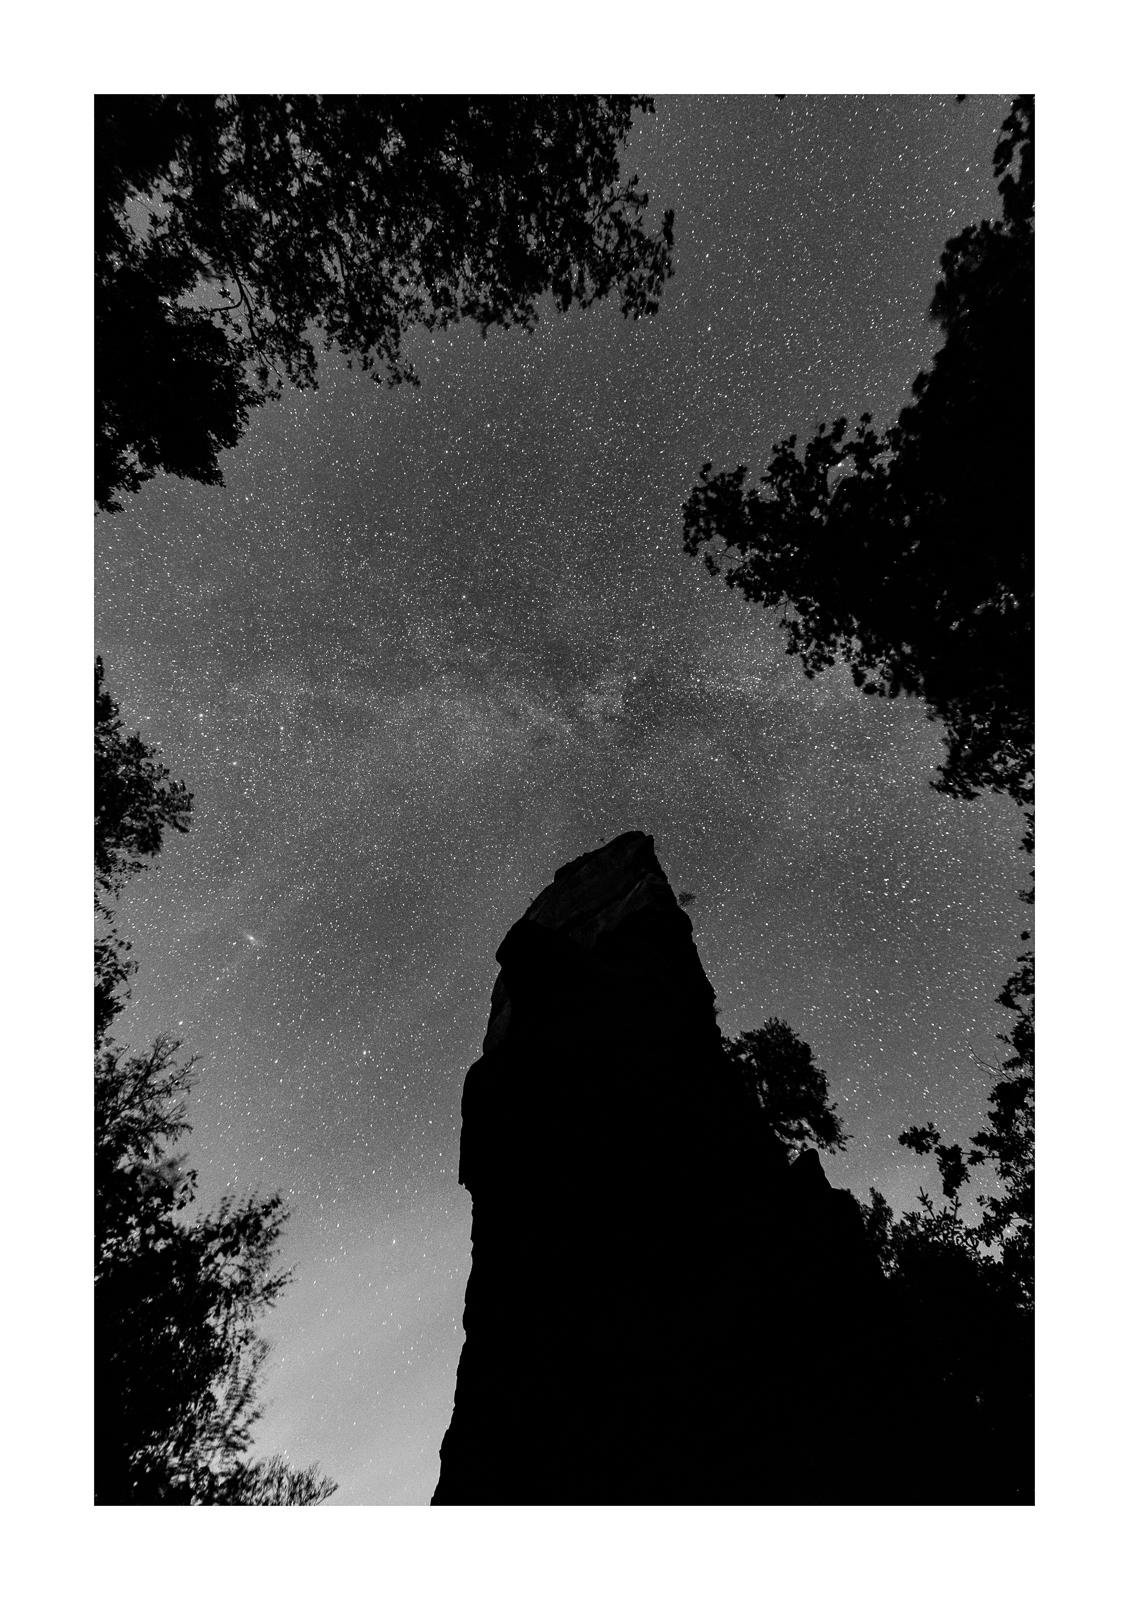 Jungturm bei Nacht